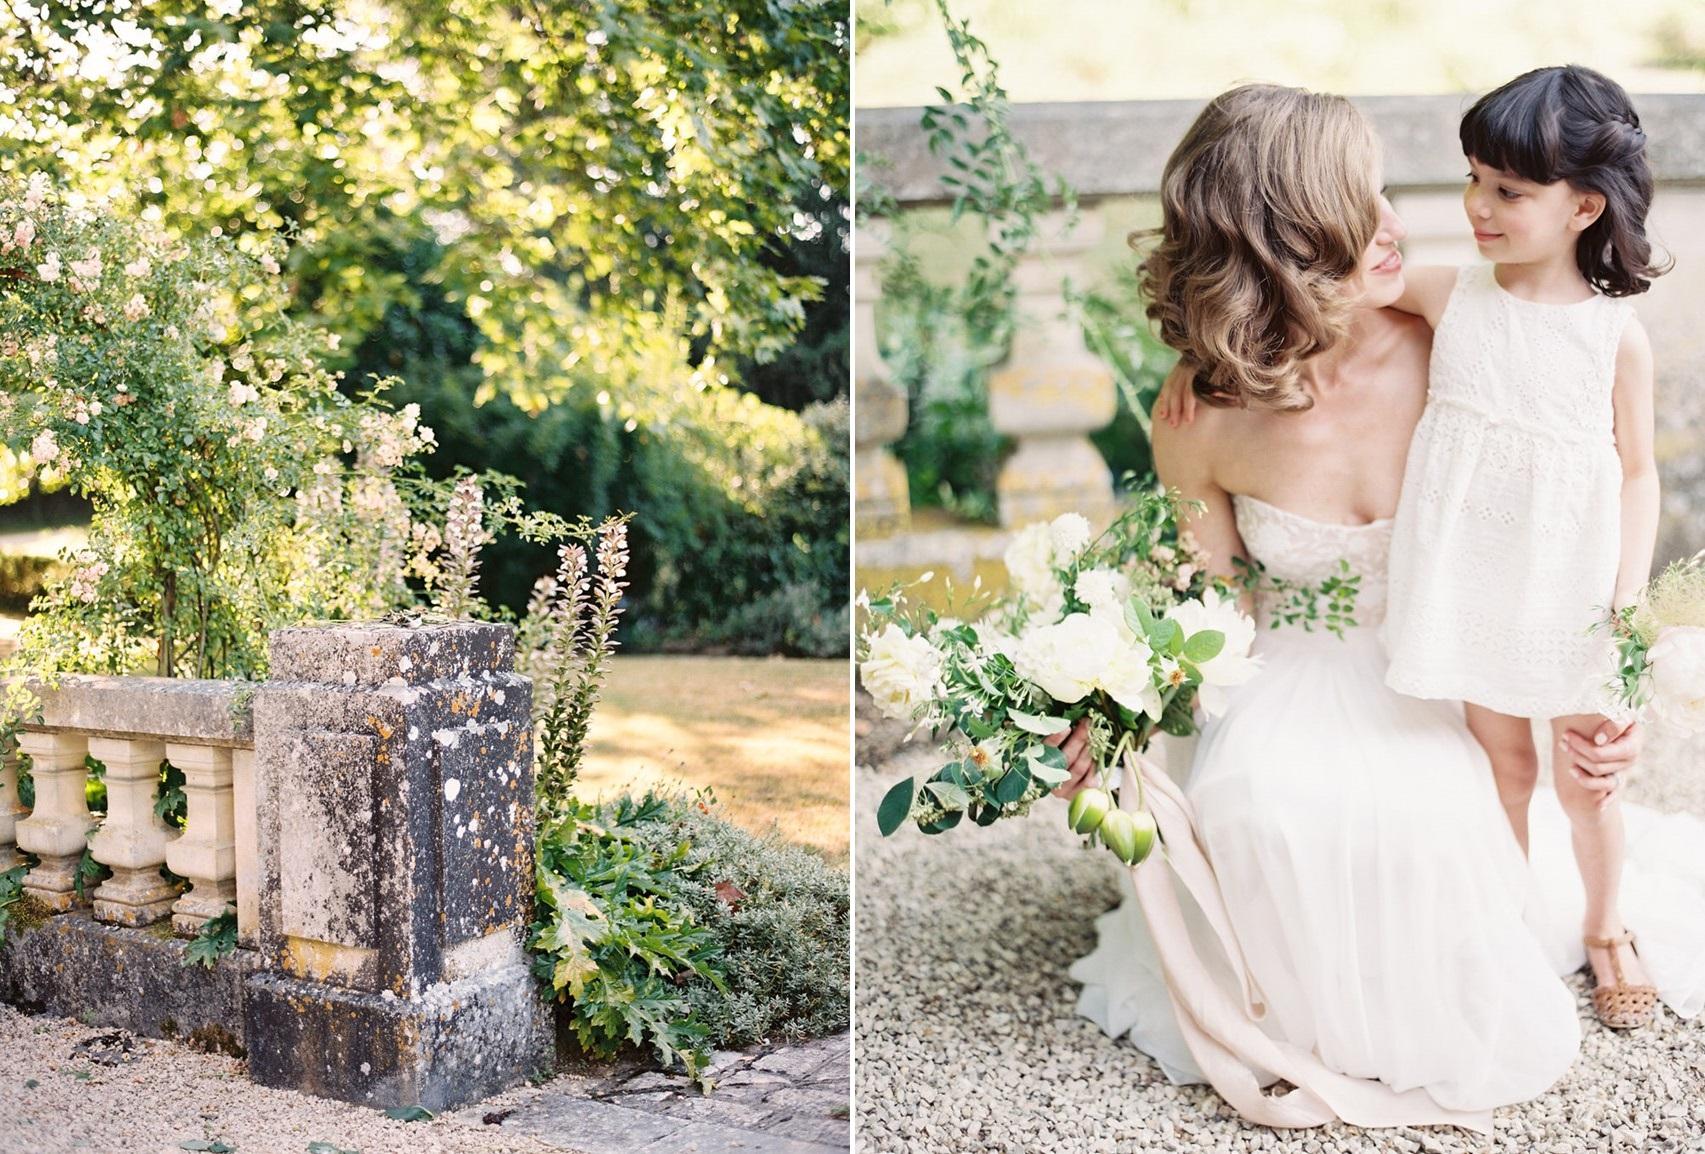 Elegant Bride & Sweet Flower Girl